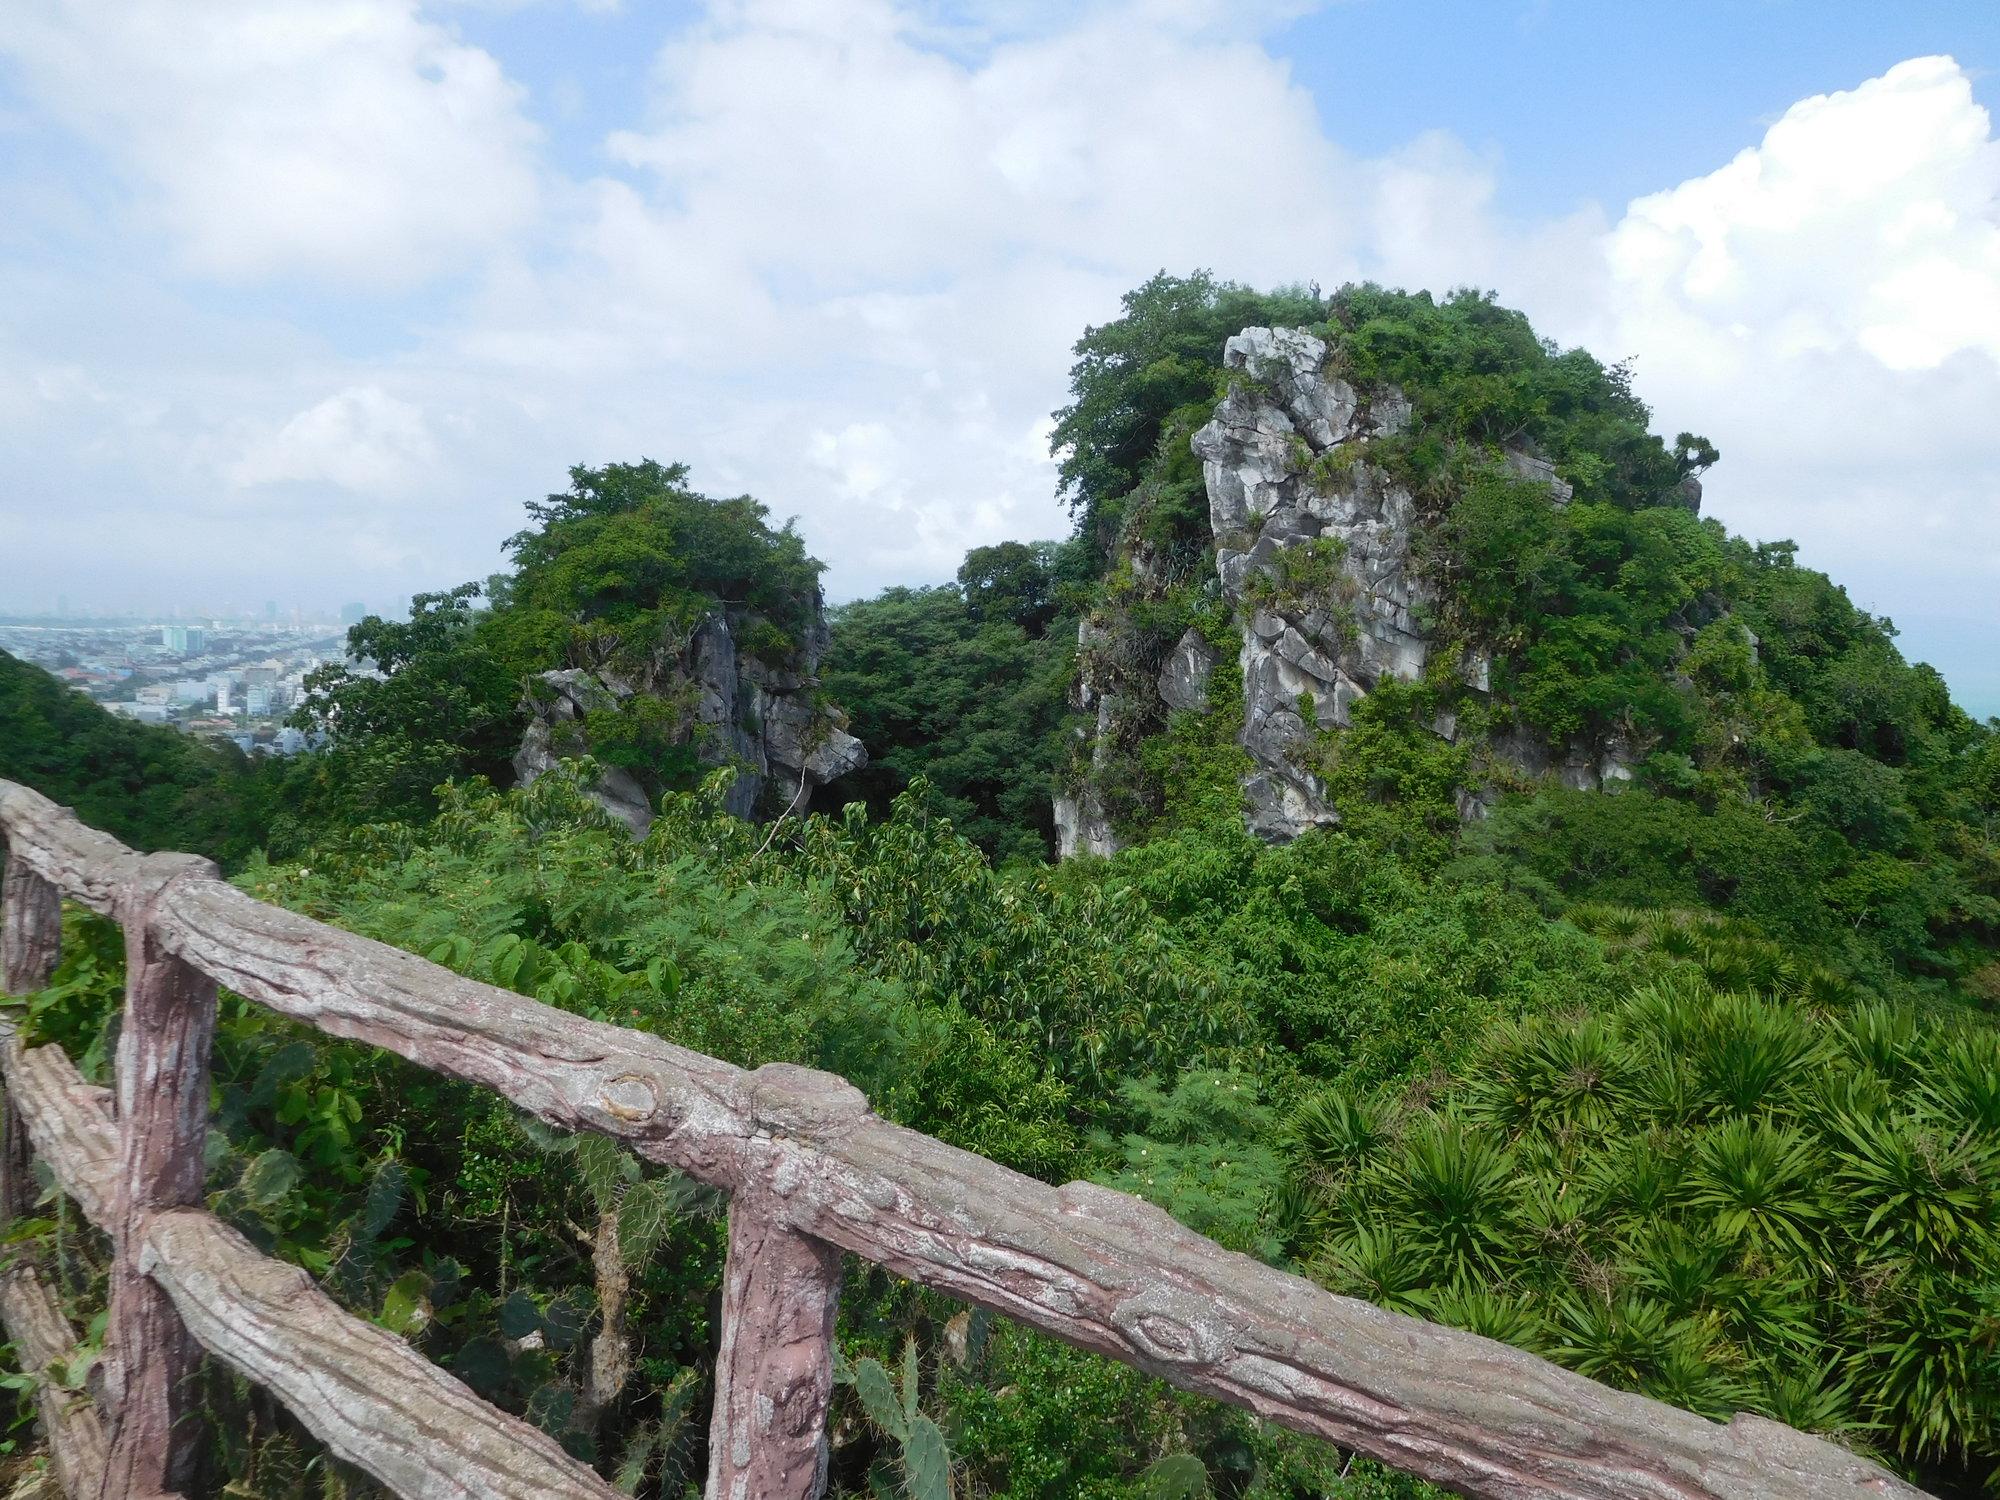 6d685c7d125fd ... medzi mestami Hoi An a Da Nang (približne v osemkilometrovej  vzdialenosti) a jedná sa o najjužnejšie sa vyskytujúcu mramorovú formáciu vo  Vietname.